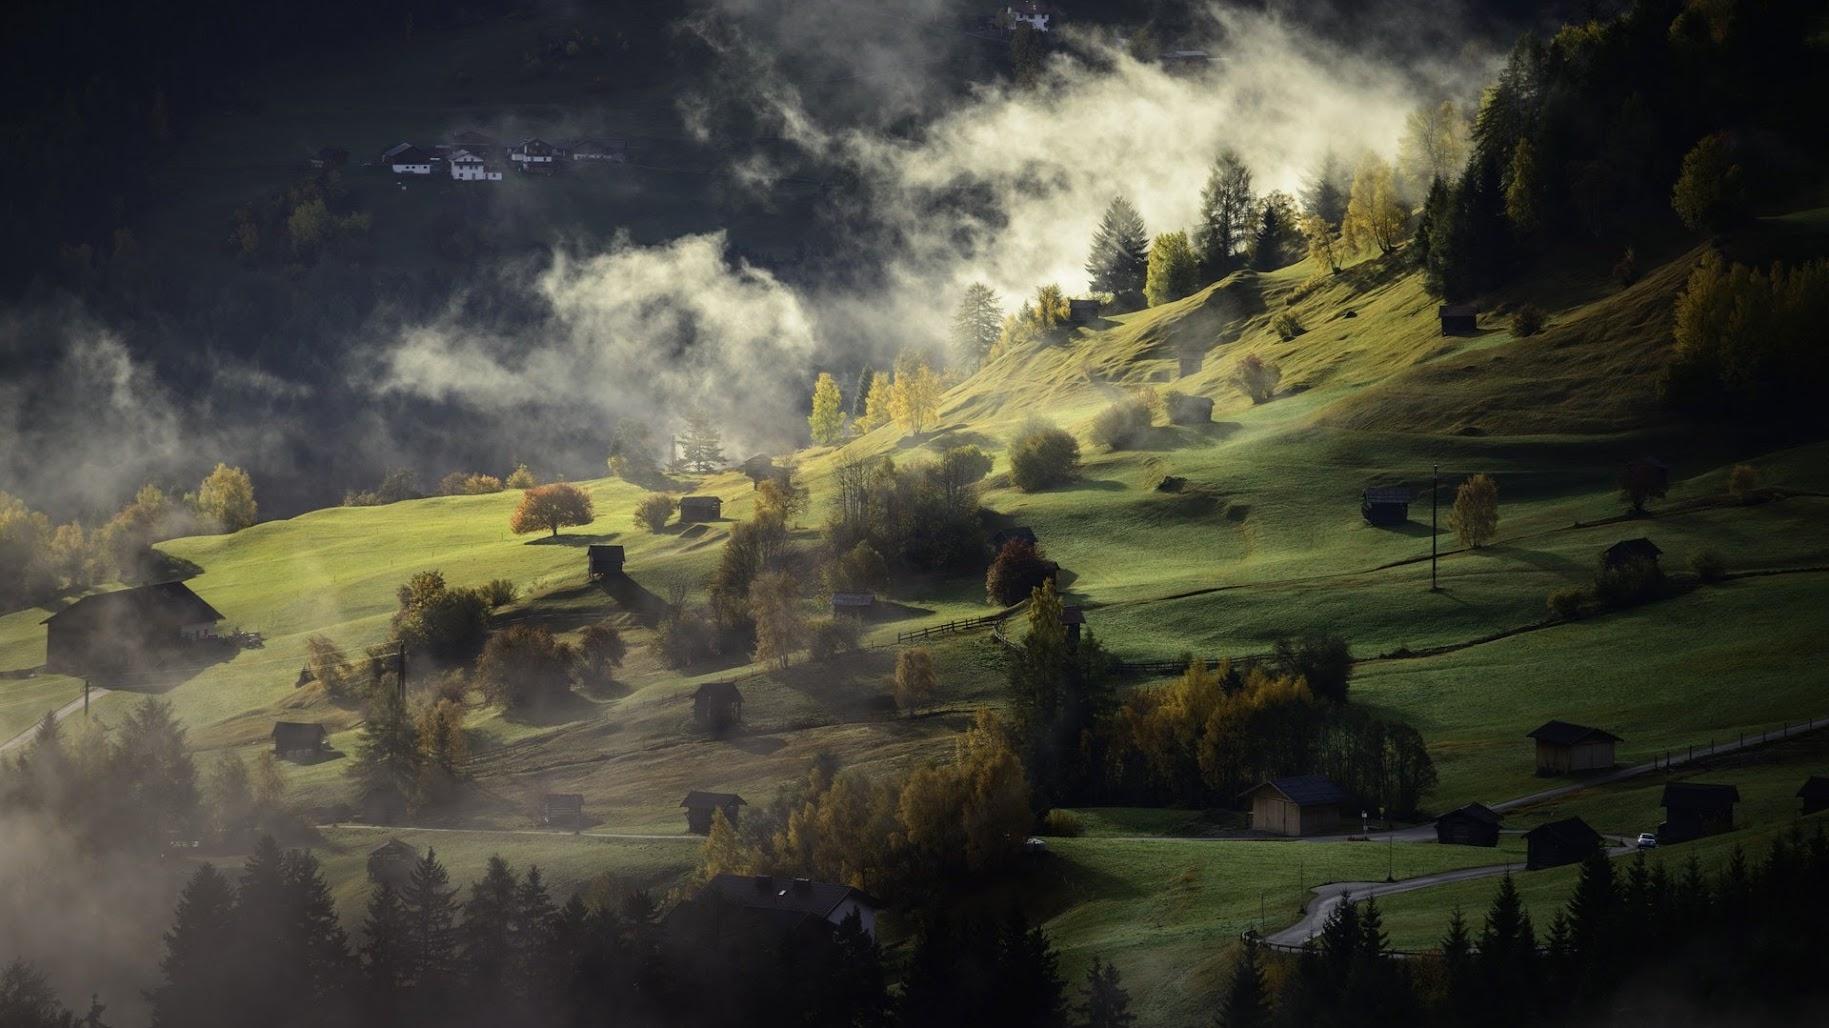 hình nền thiên nhiên đẹp 03